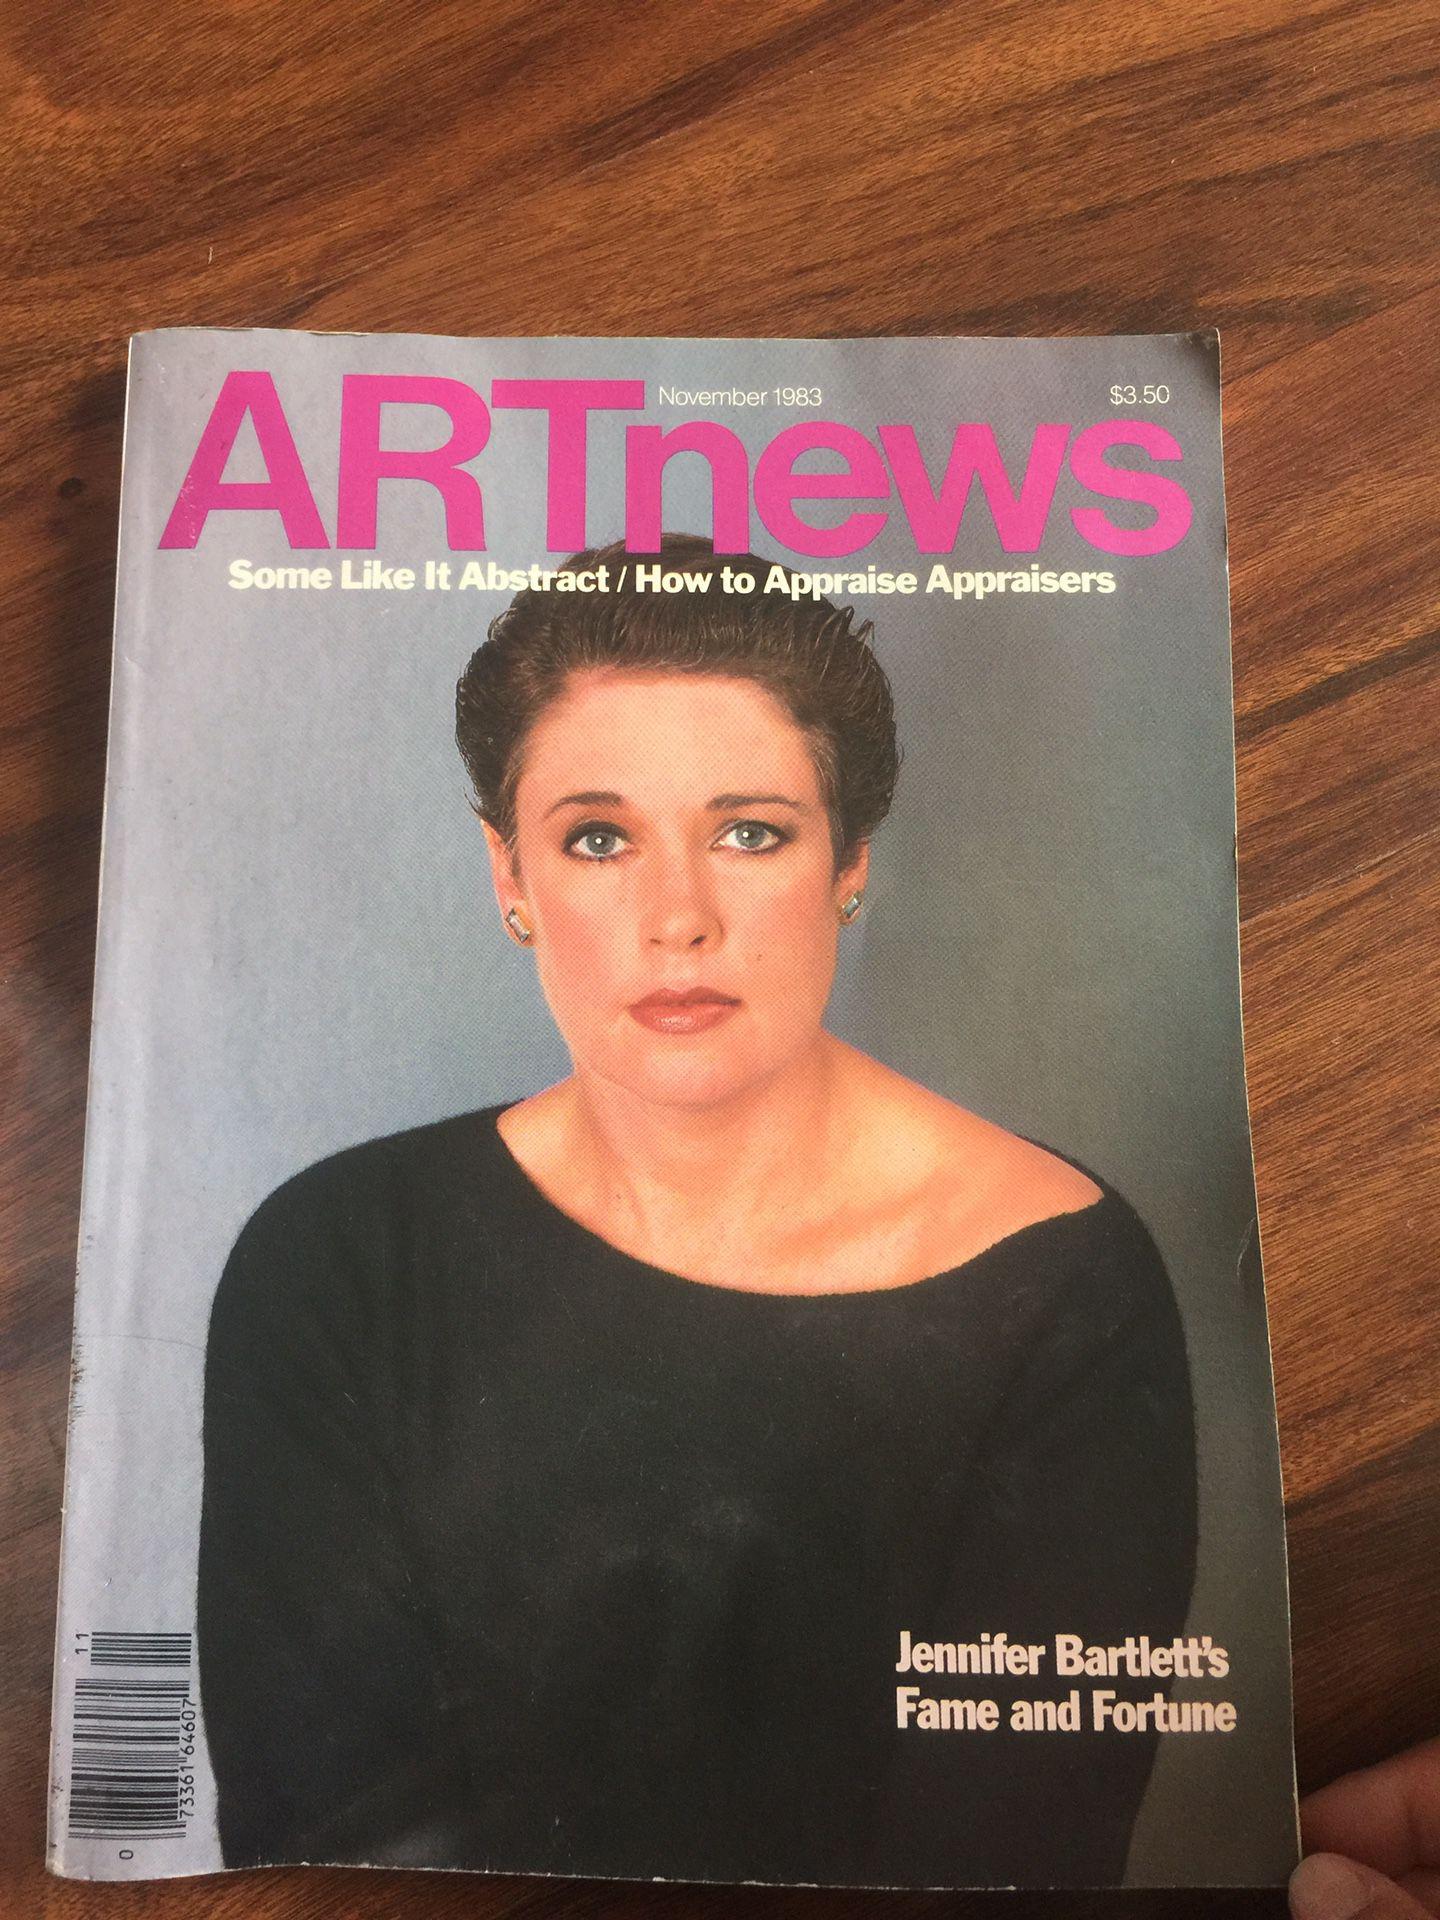 ART news November 1983 Magazine